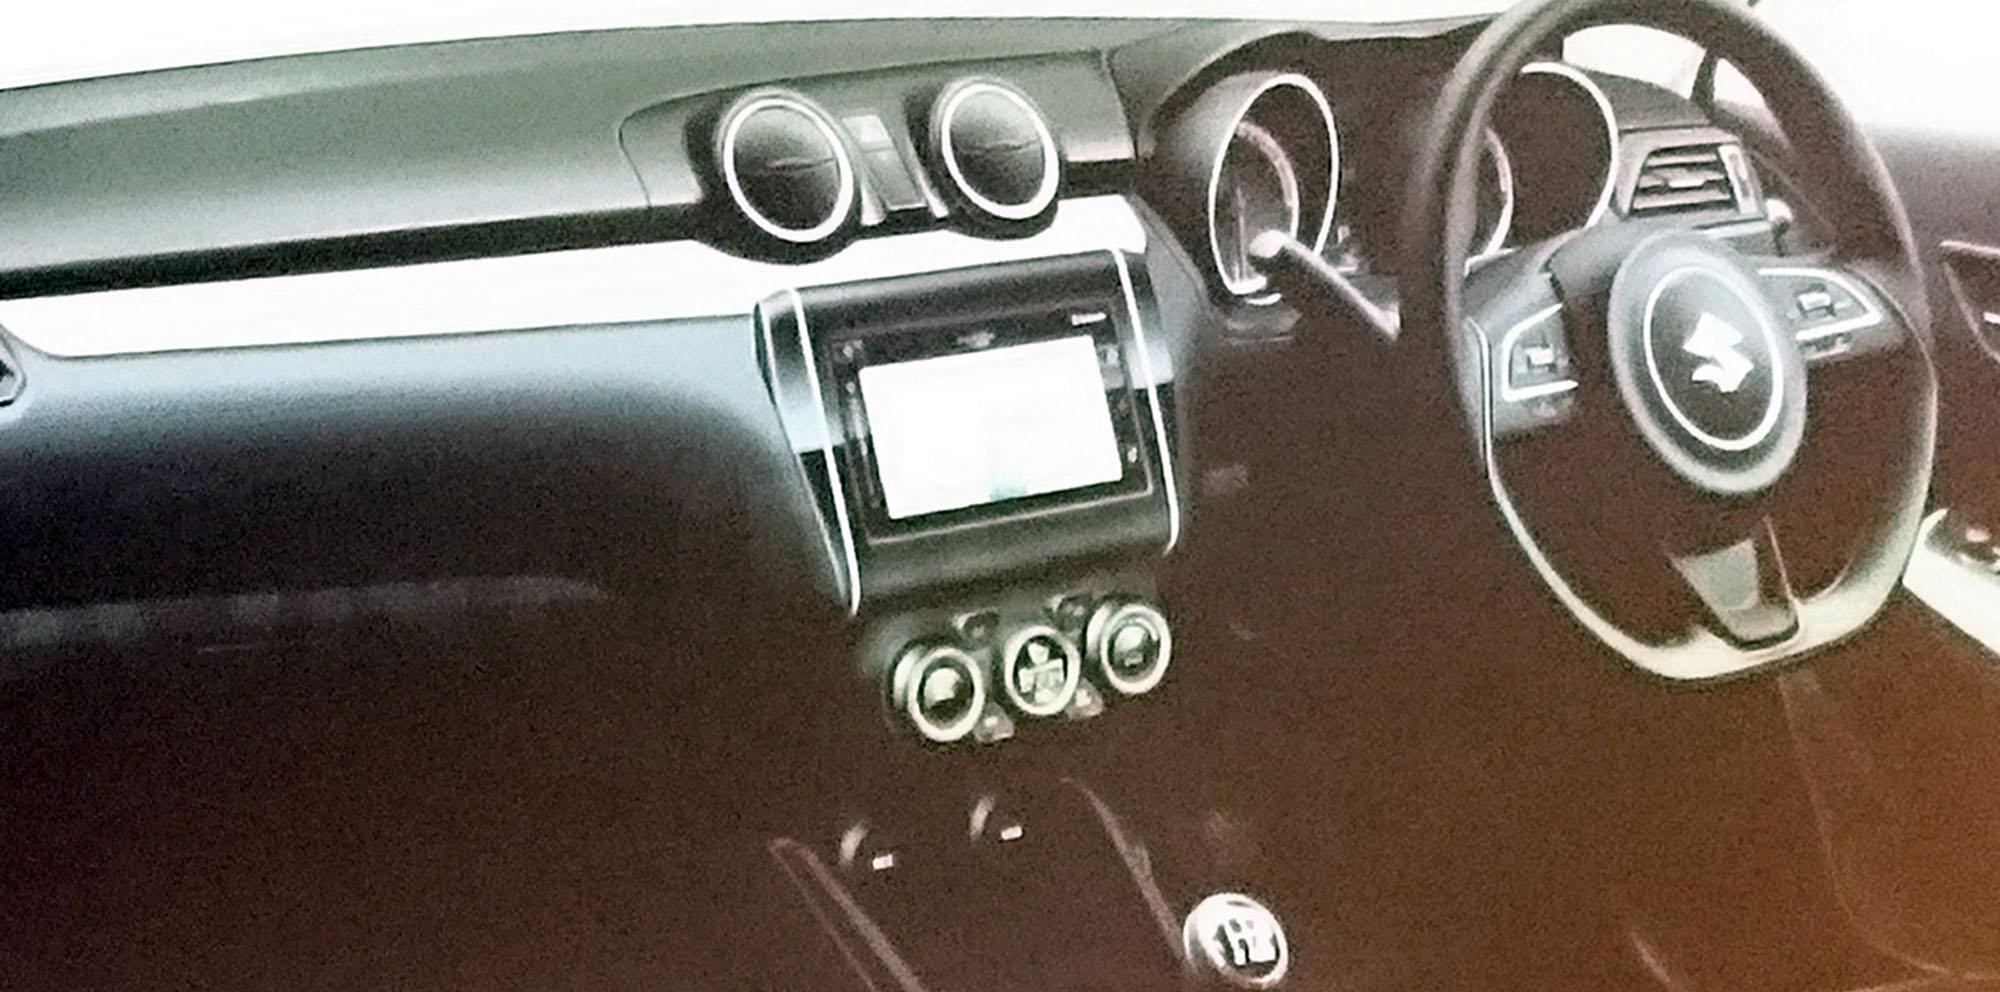 suzuki-swift-sport-leak-interior.jpg